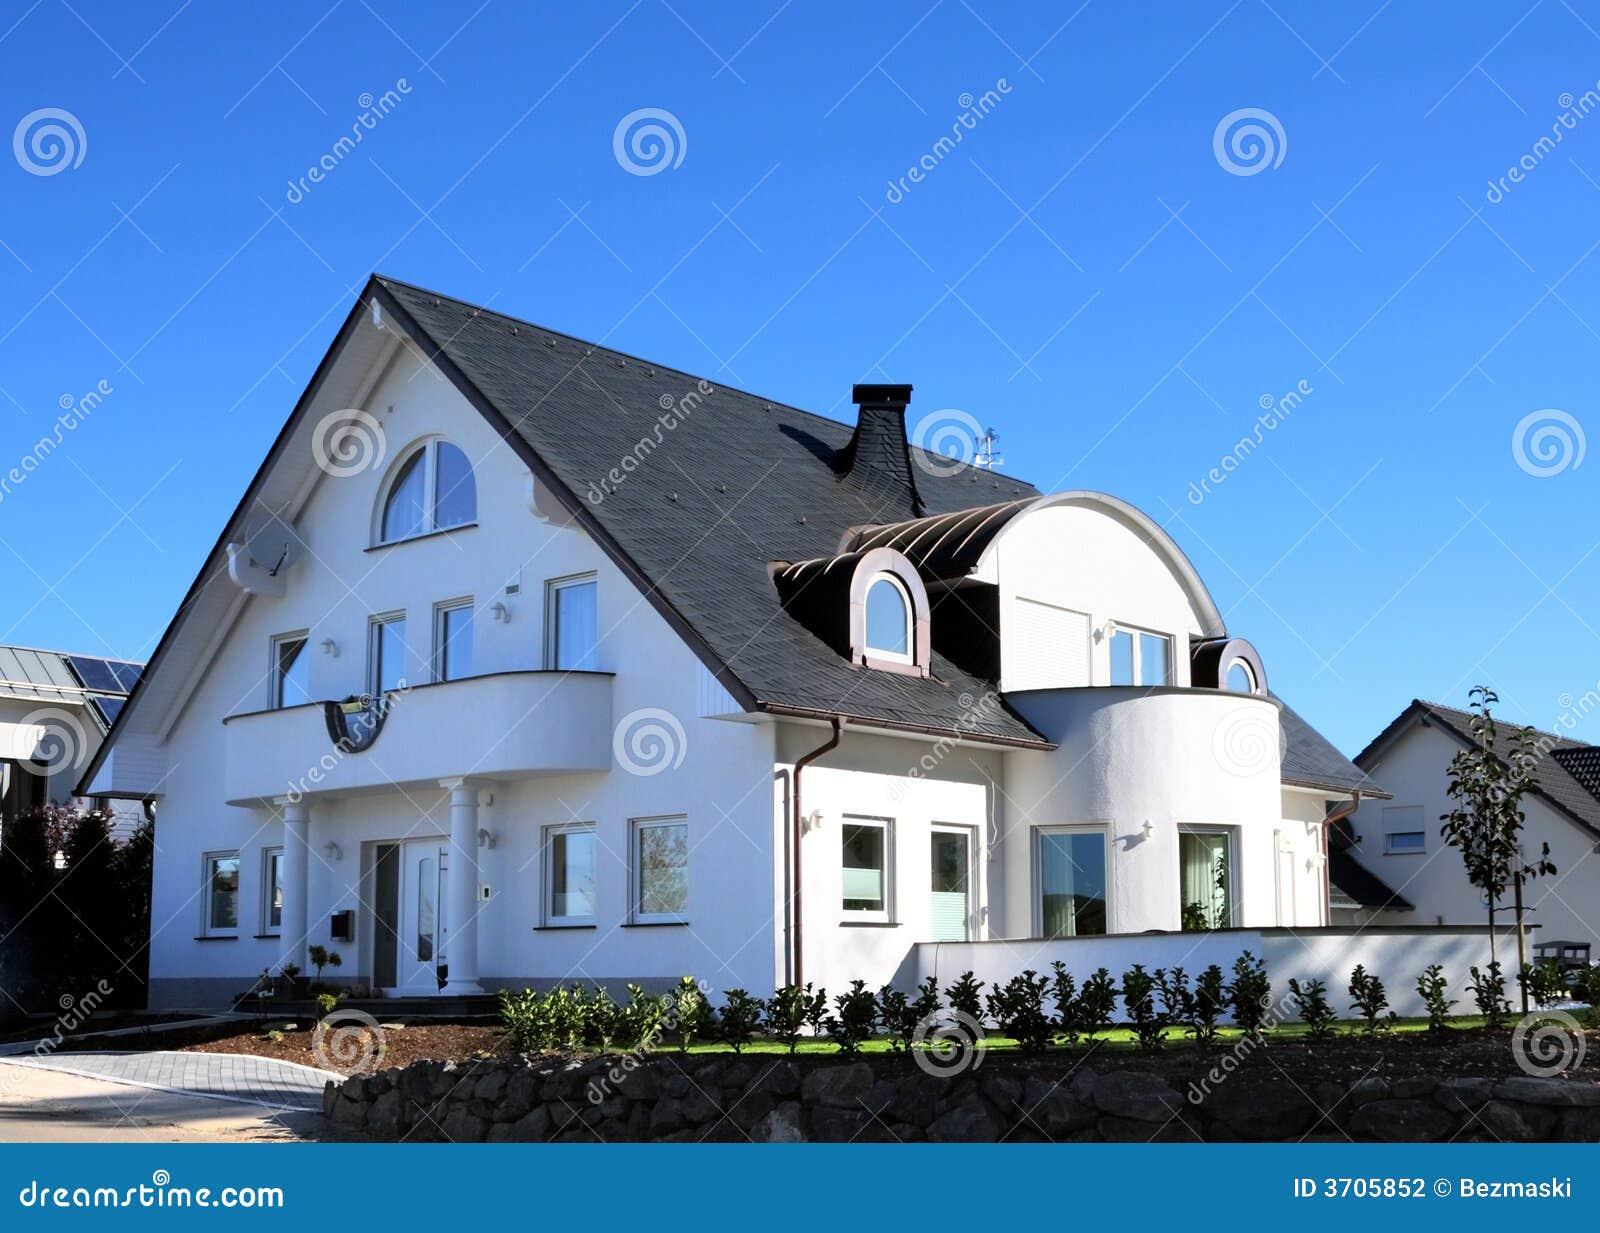 Maison Moderne Et Ciel Bleu Photographie Stock Image